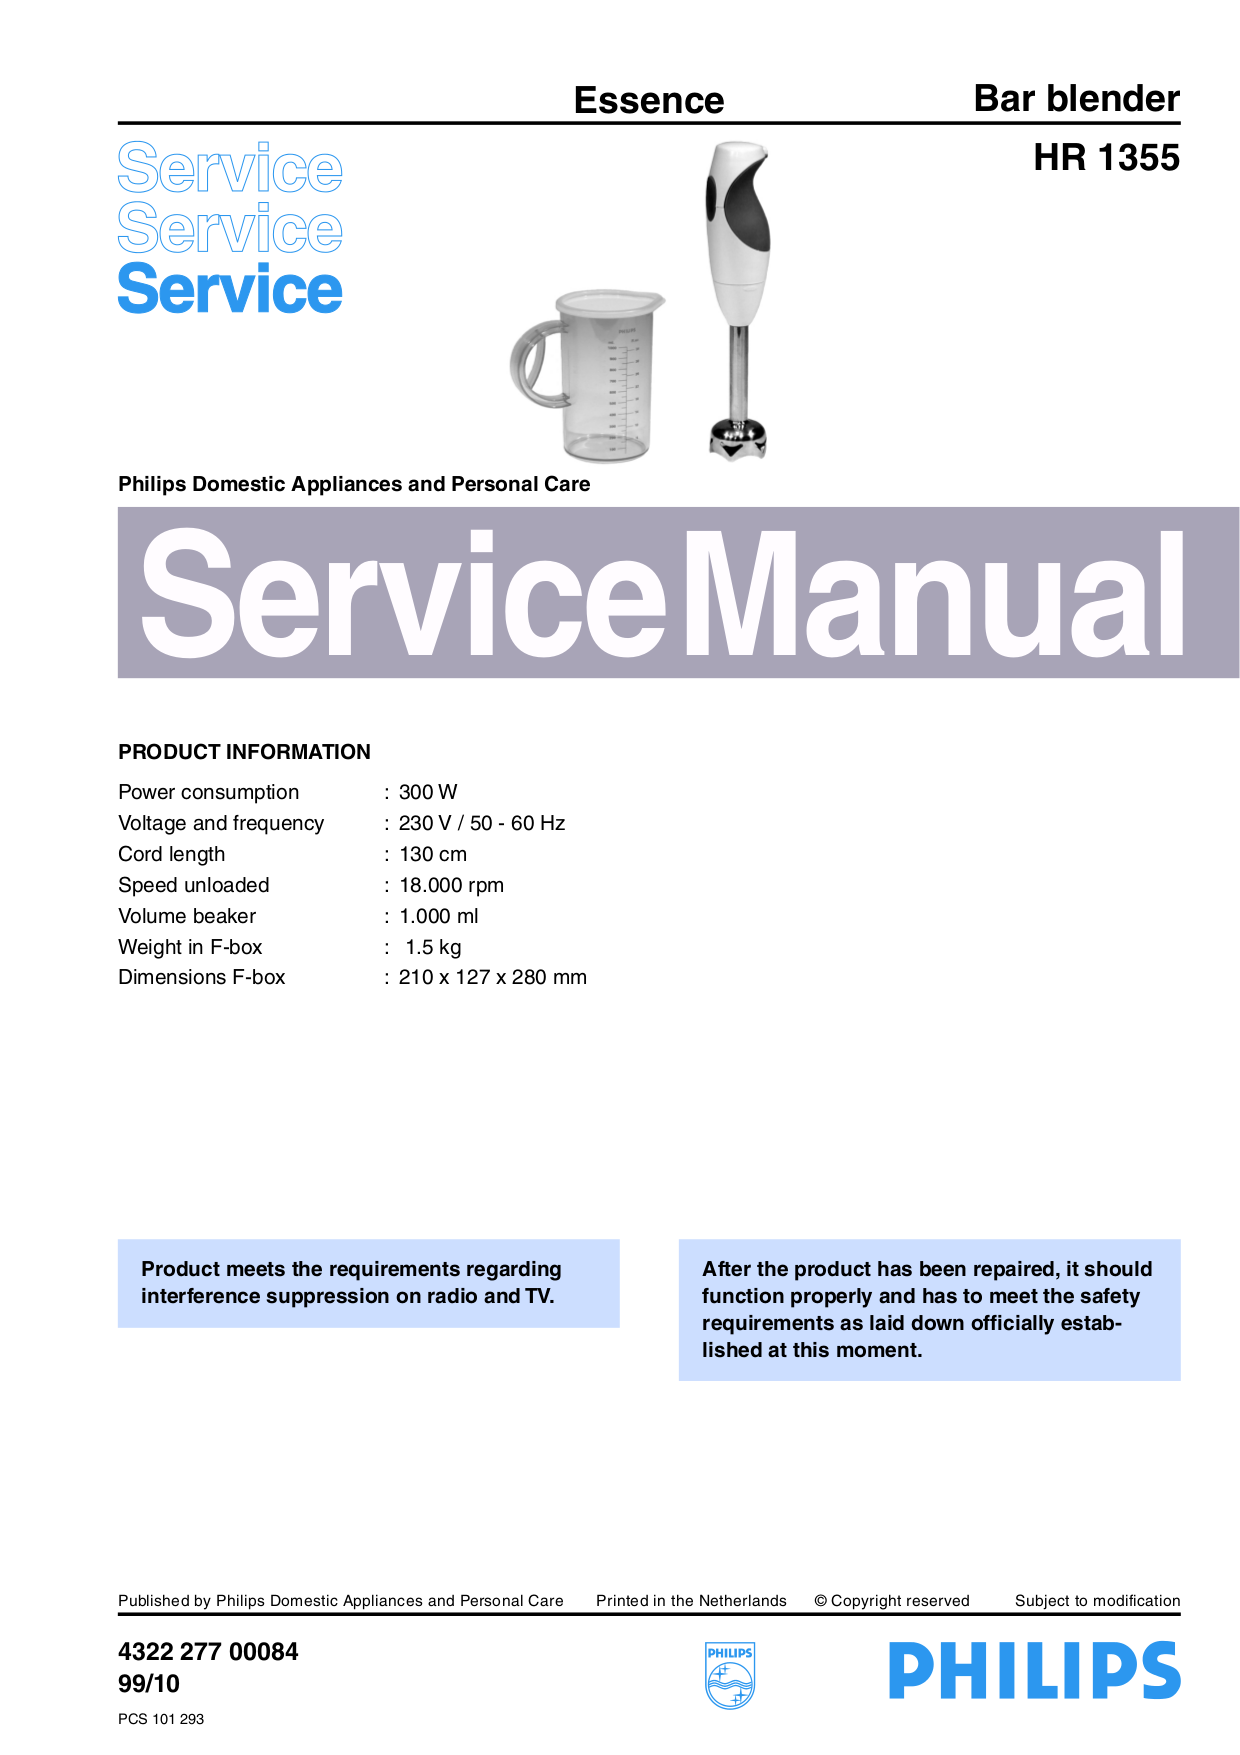 Download free pdf for Philips Essence HR1355 Blender manual